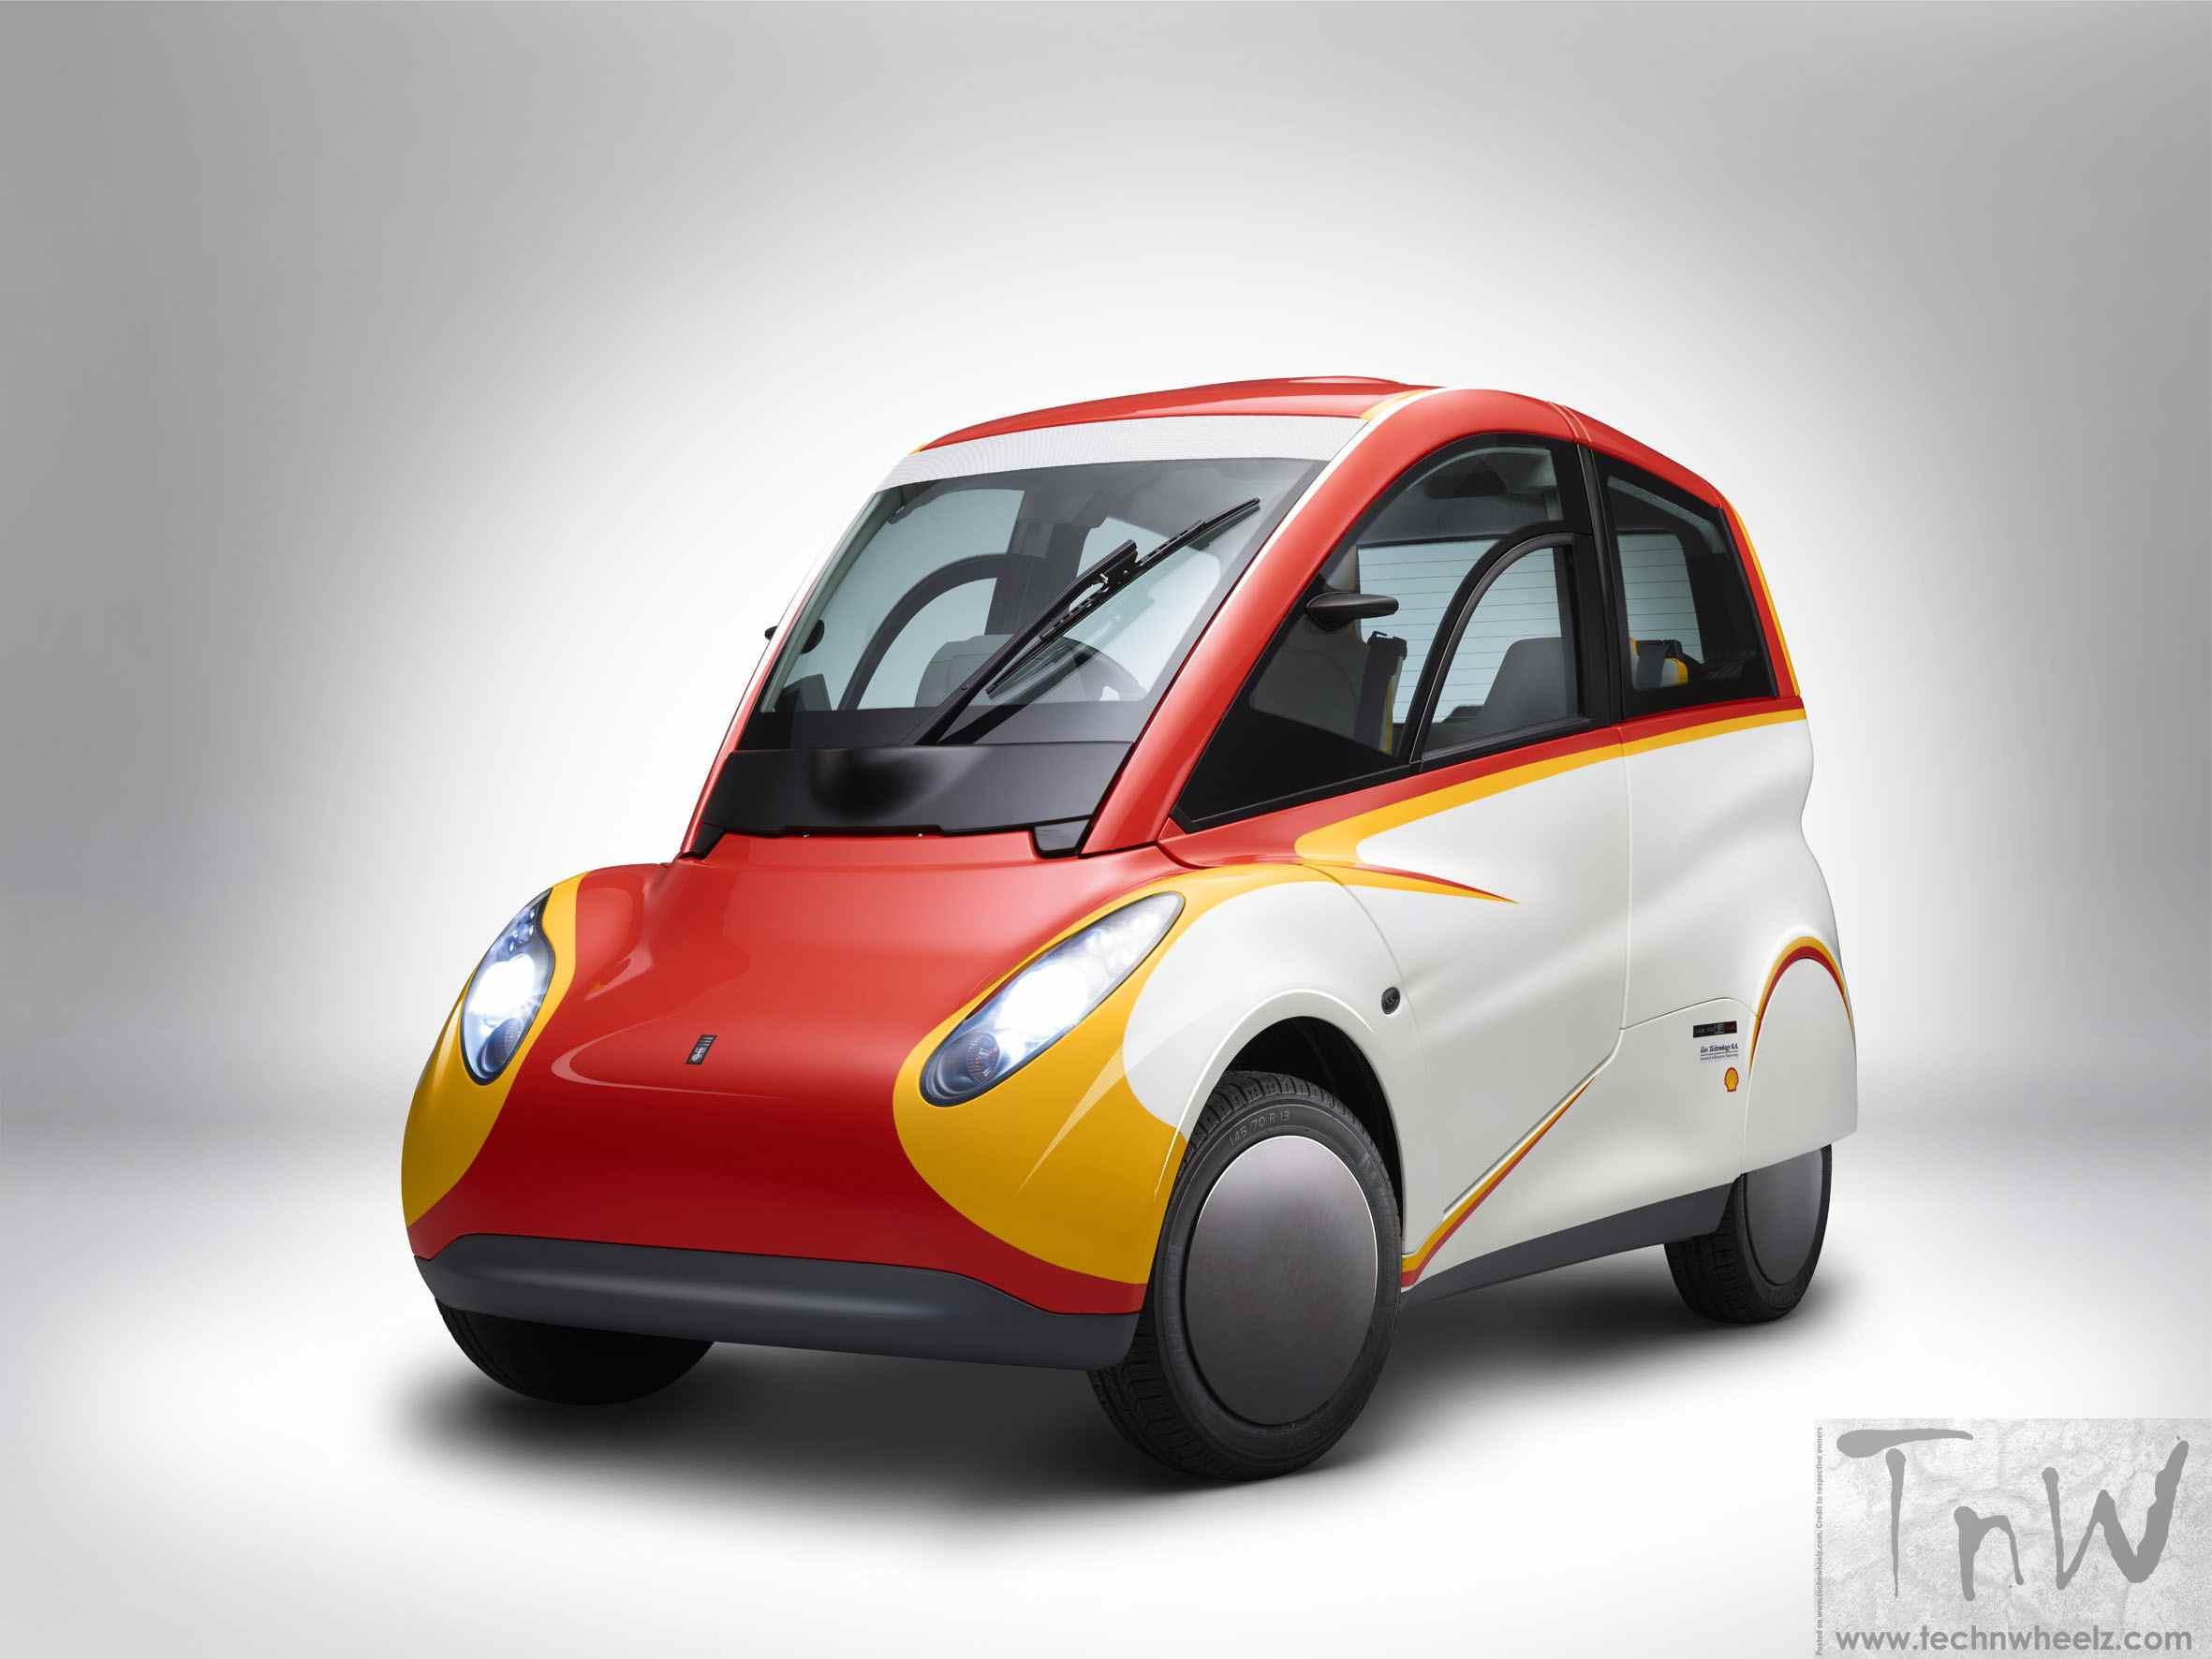 Shell unveils energy efficient concept car